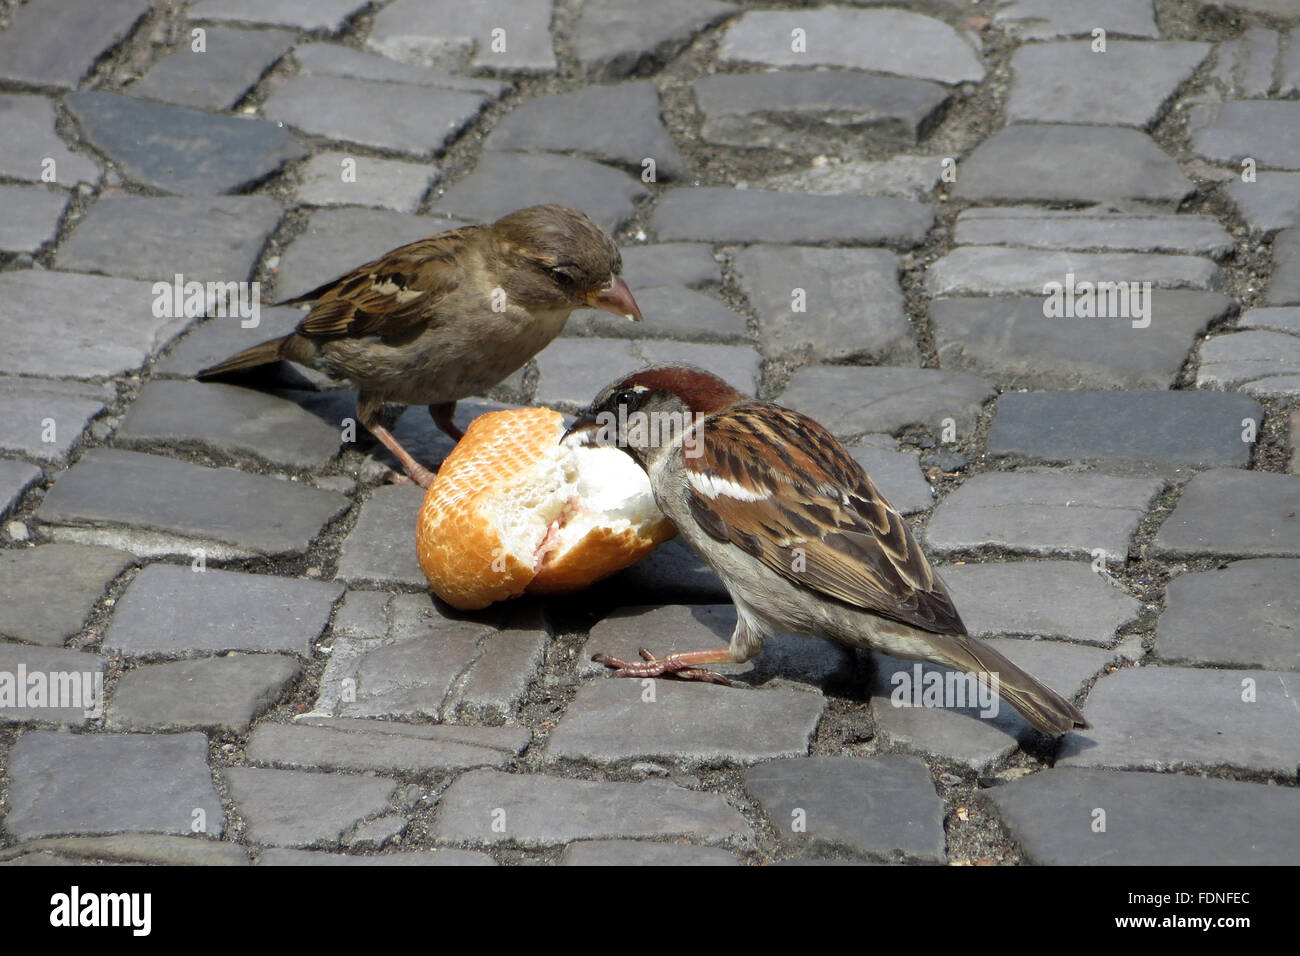 18.06.2015, Berlin, Deutschland - Hausspatzen picken an einem weggeworfenen Broetchen herum. 00S150618D802CARO.JPG Stock Photo